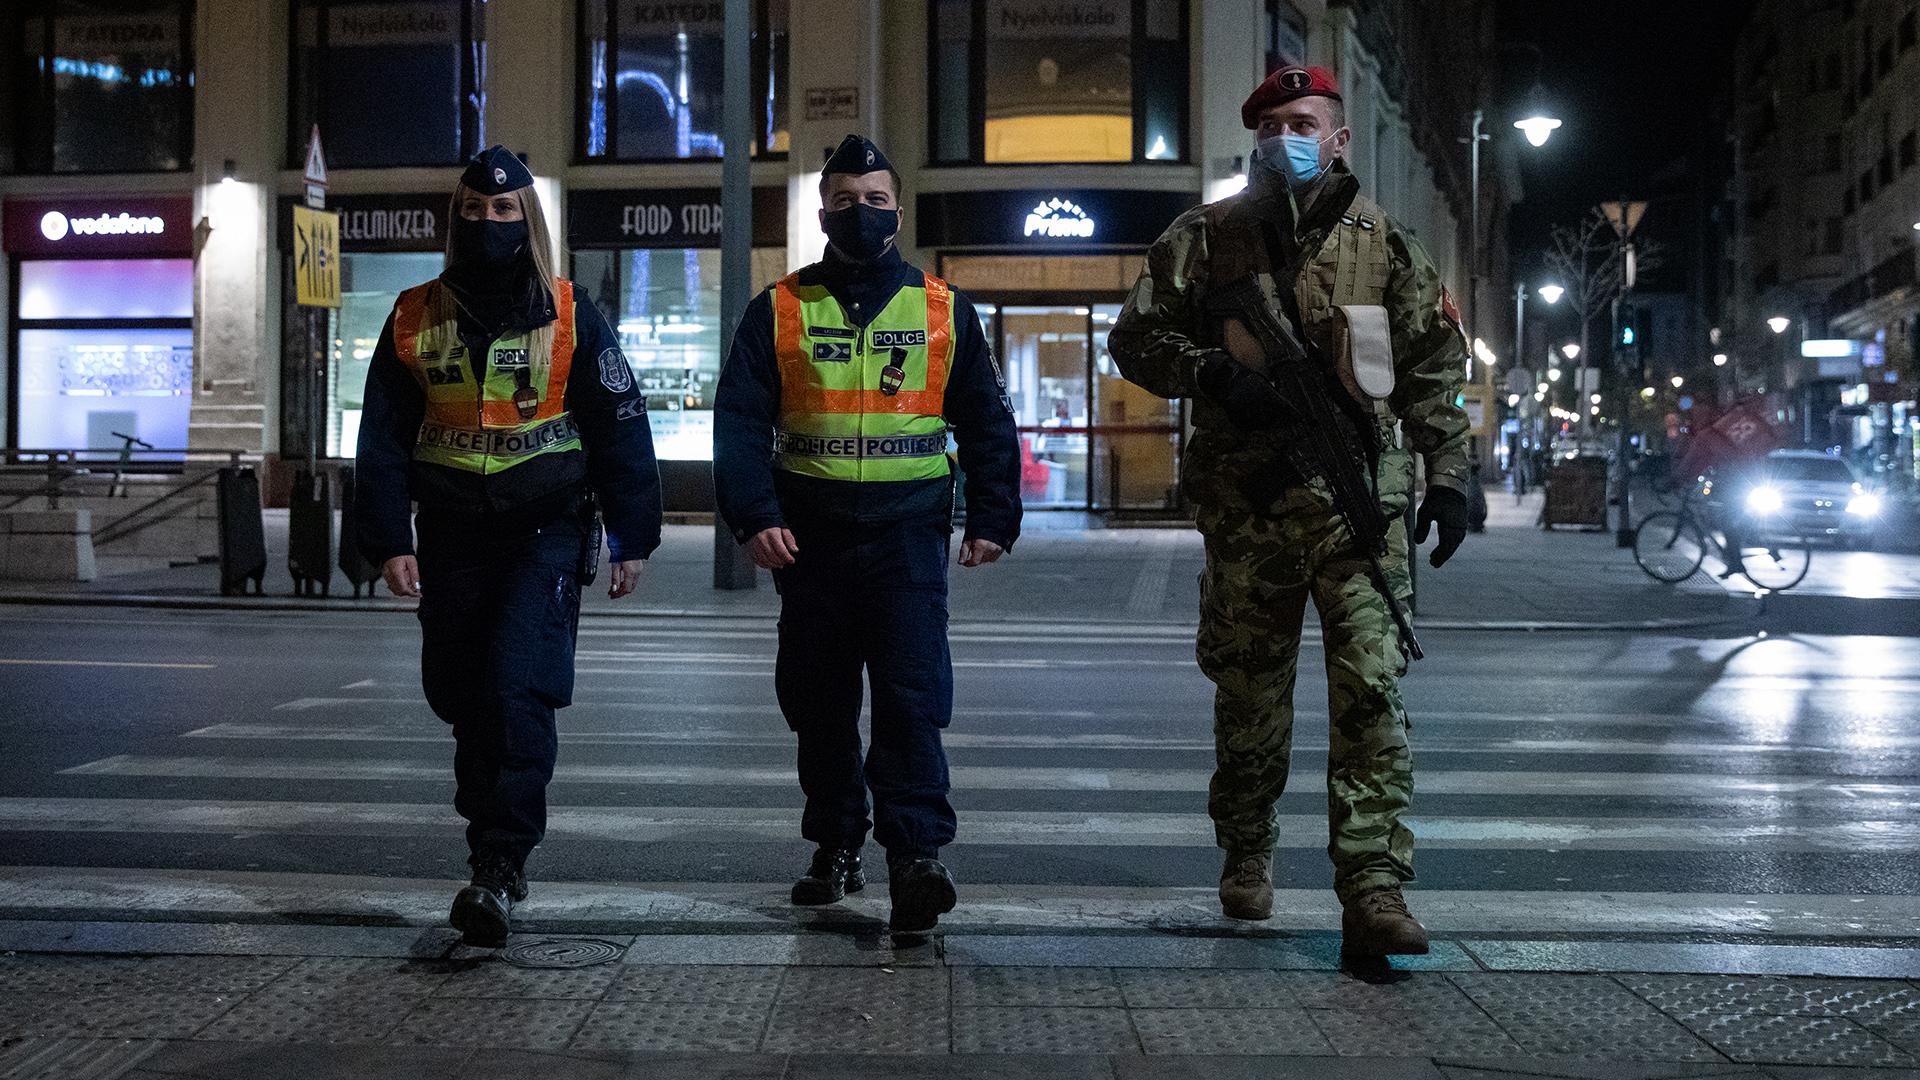 Illegális házibulihoz vonultak ki a rendőrök Újpesten